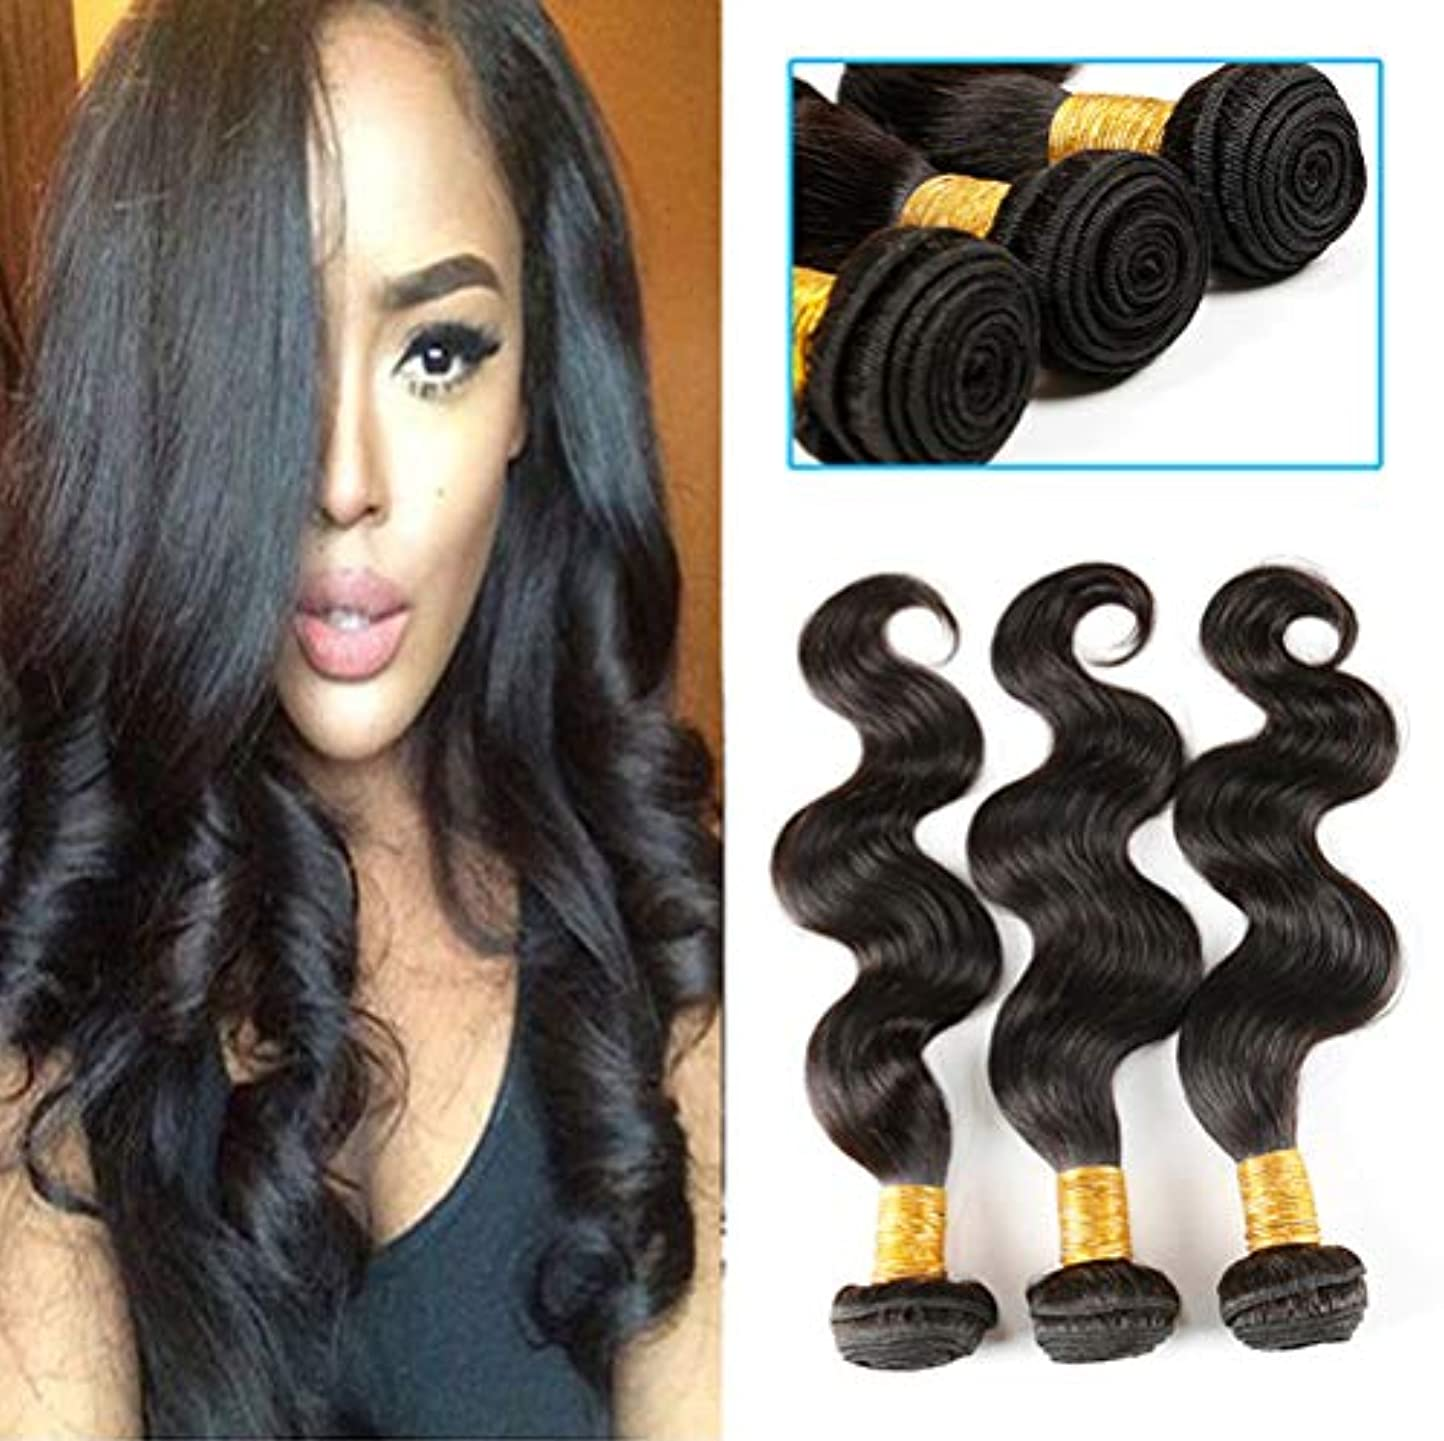 減るまばたき急行する毛織りブラジル実体波1バンドルバージンヘアエクステンション高品質100%未処理人毛